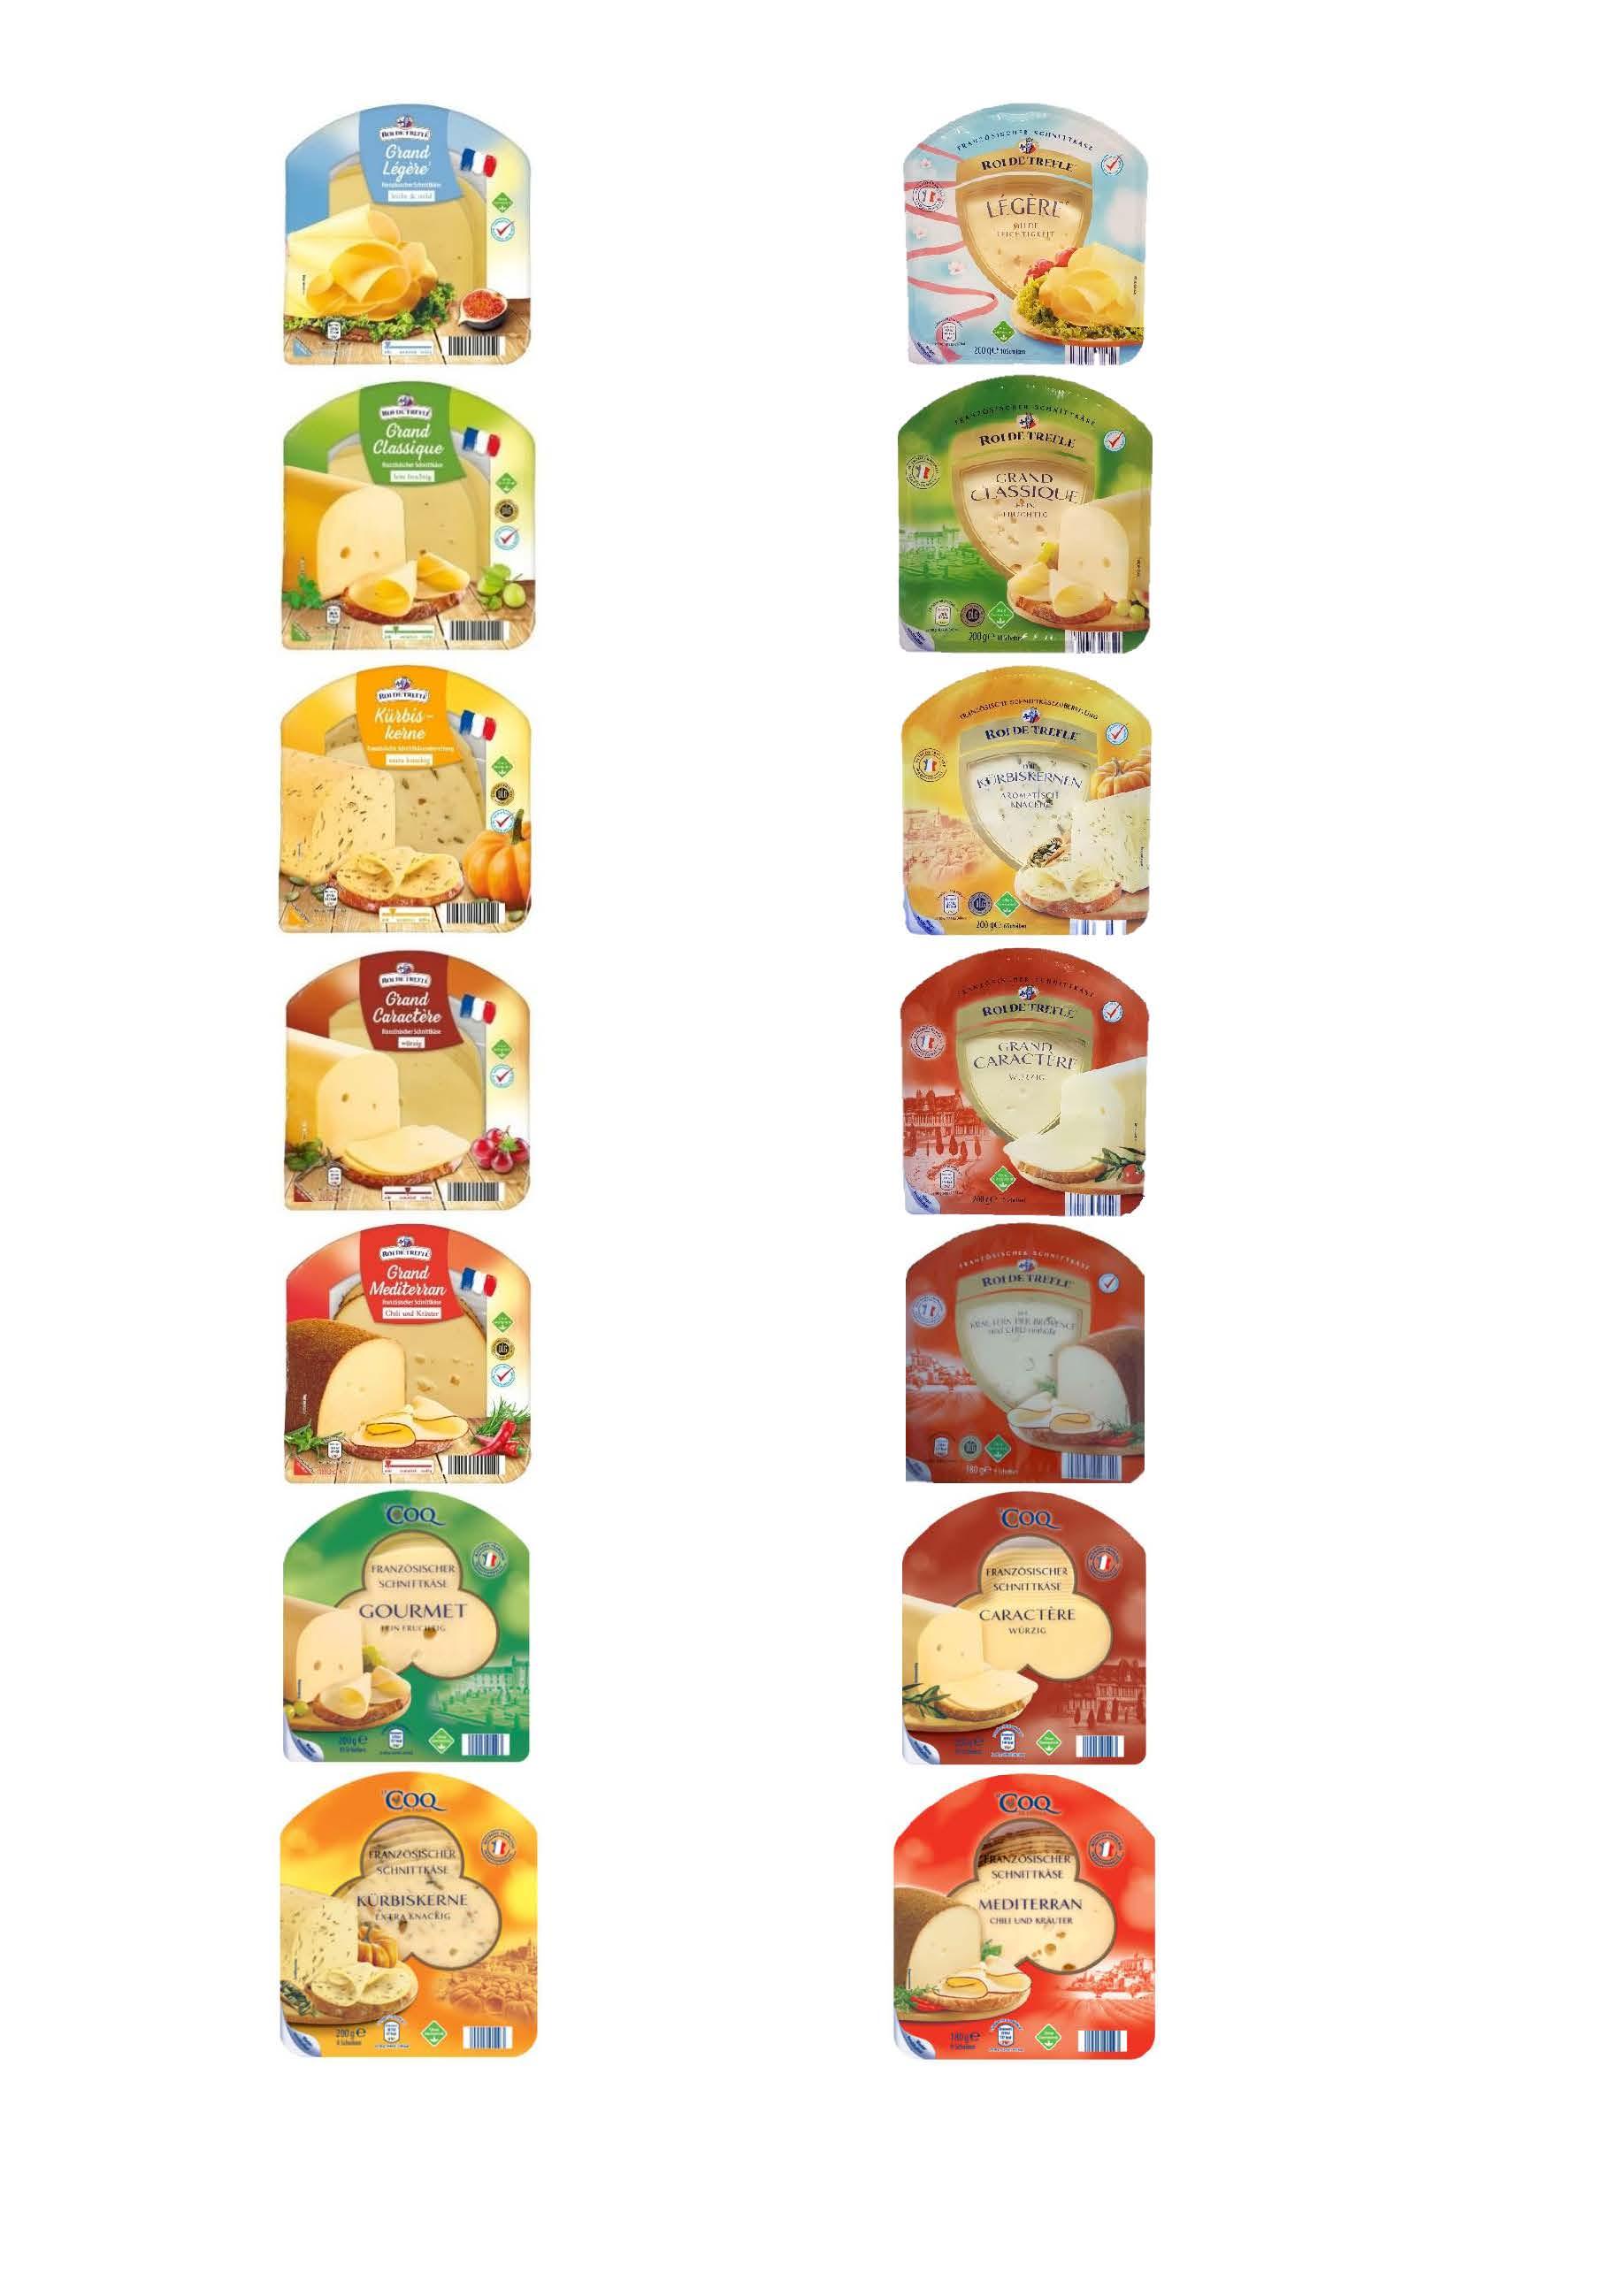 """produktrueckruf-verschiedene-schnittkaese-variationen-der-marken-roi-de-trefle-und-le-coq-de-france Produktrückruf  Verschiedene Schnittkäse-Variationen der Marken """"Roi de Trèfle"""" und """"Le Coq de France"""" Produktwarnungen Überregionale Schlagzeilen Lebensmittelrückrufe Rückruf  Presse Augsburg"""